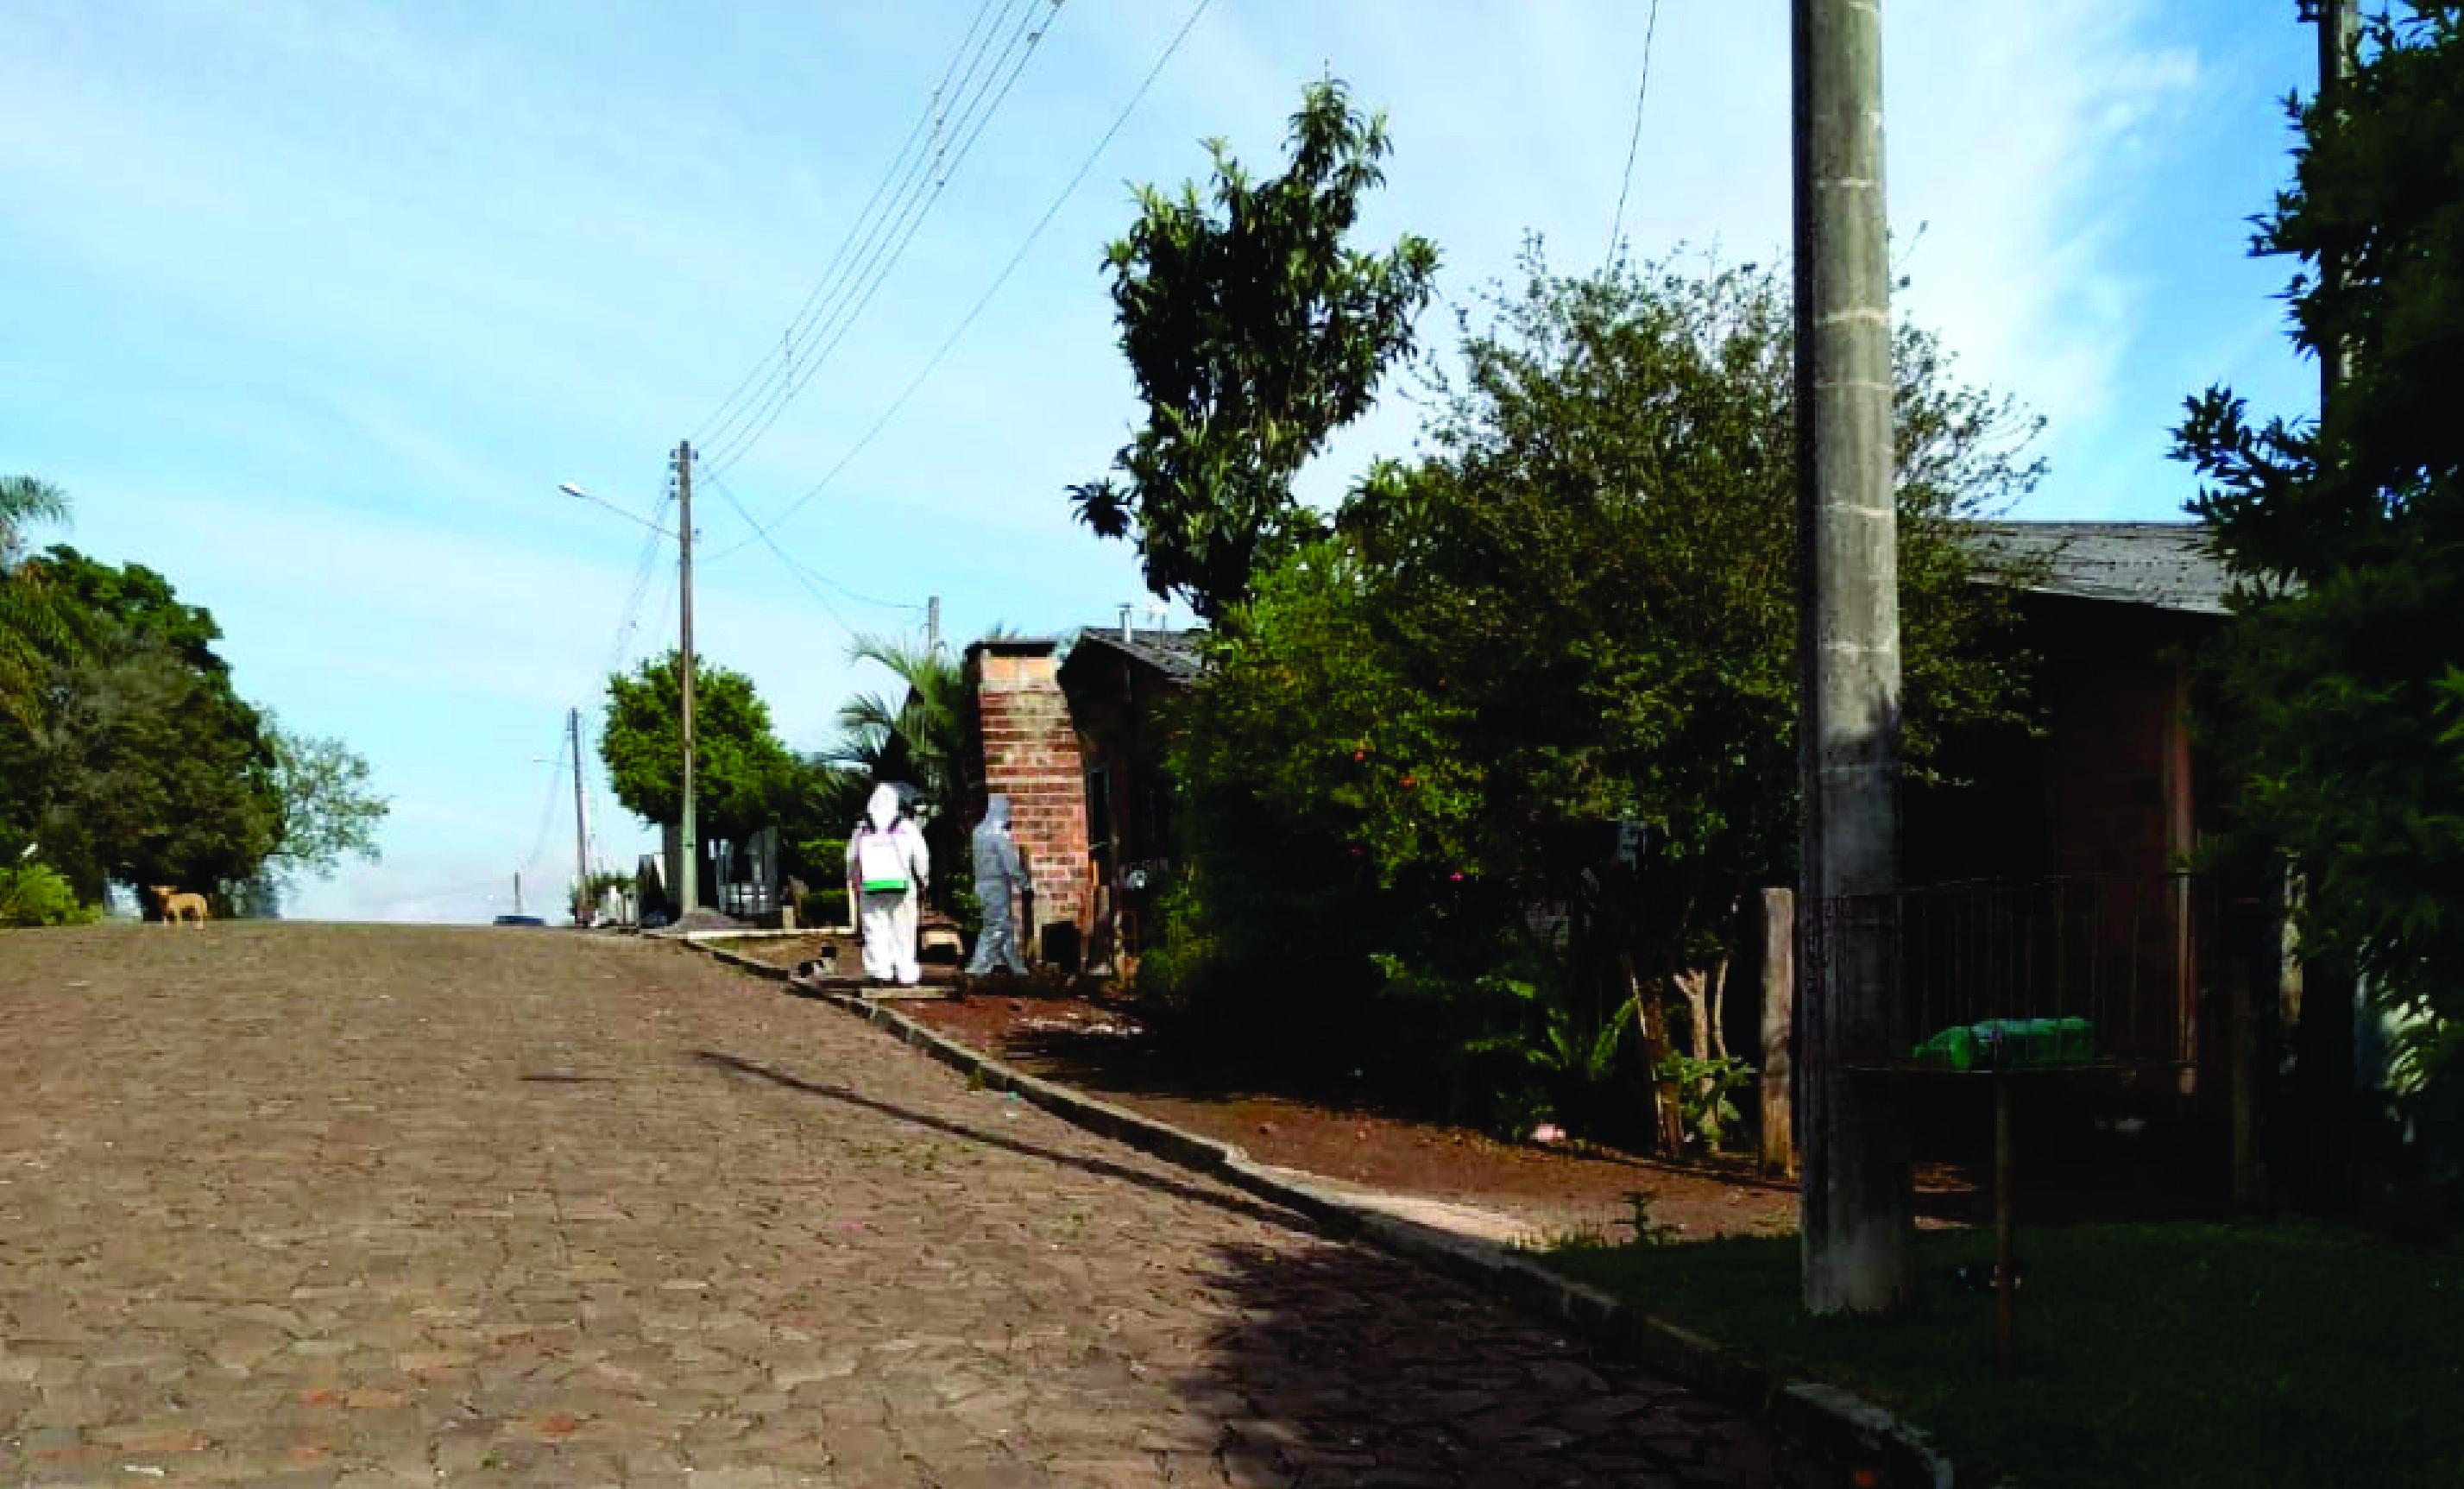 Ir para Gaurama realiza aplicação de repelentes no ambiente externo de residências